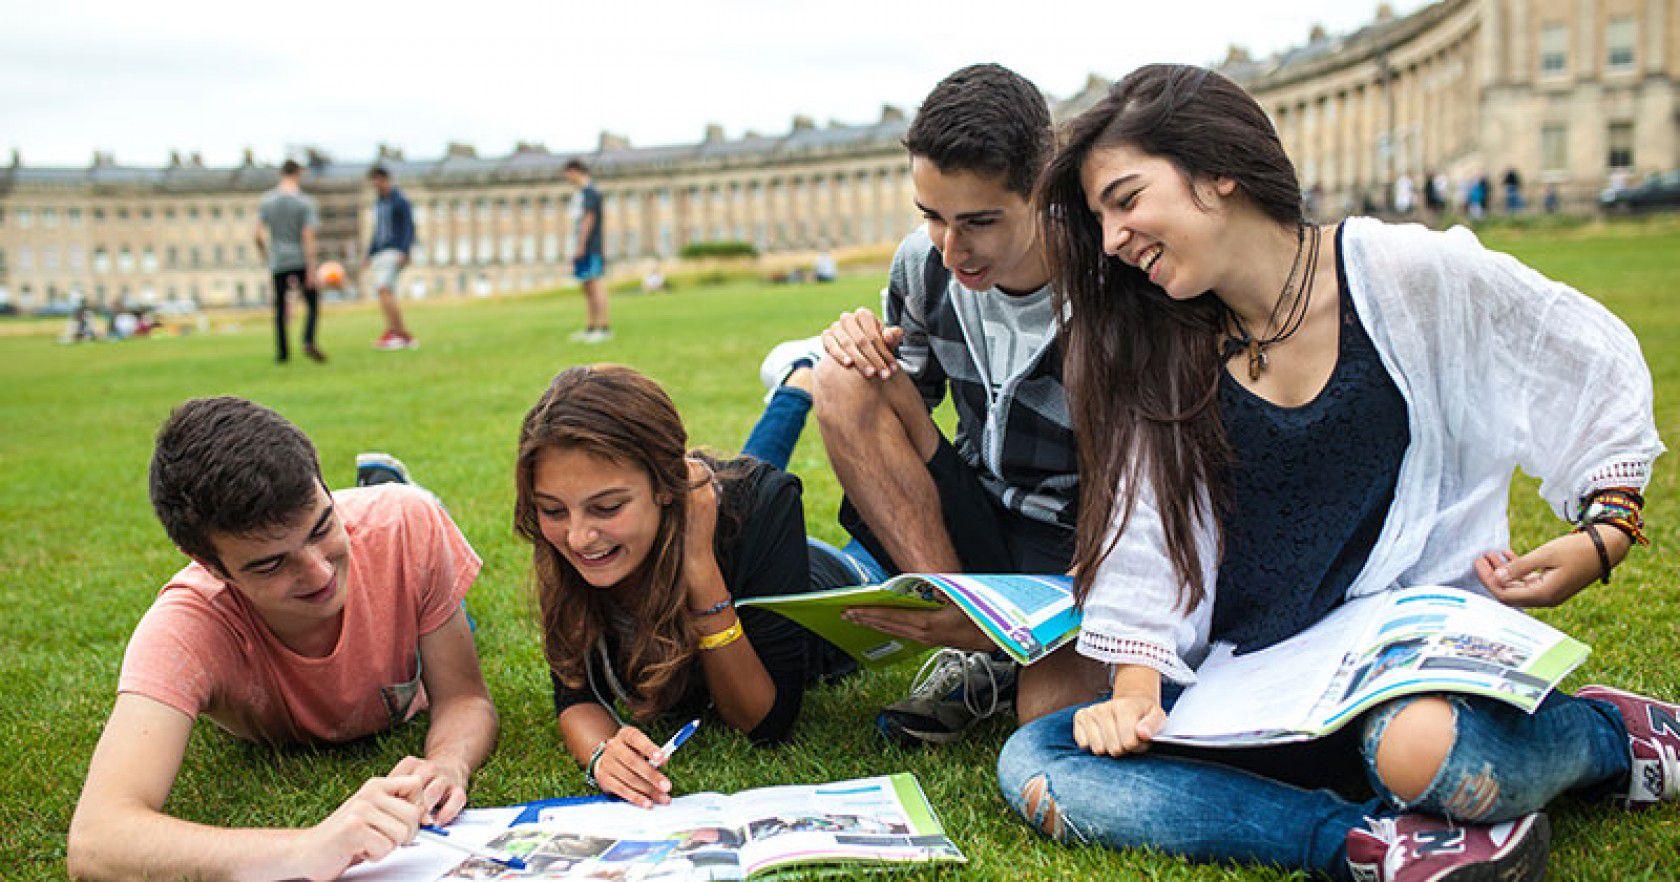 İngiltere Lise Öğrenci Vizeleri ve Belgeleri Nelerdir?